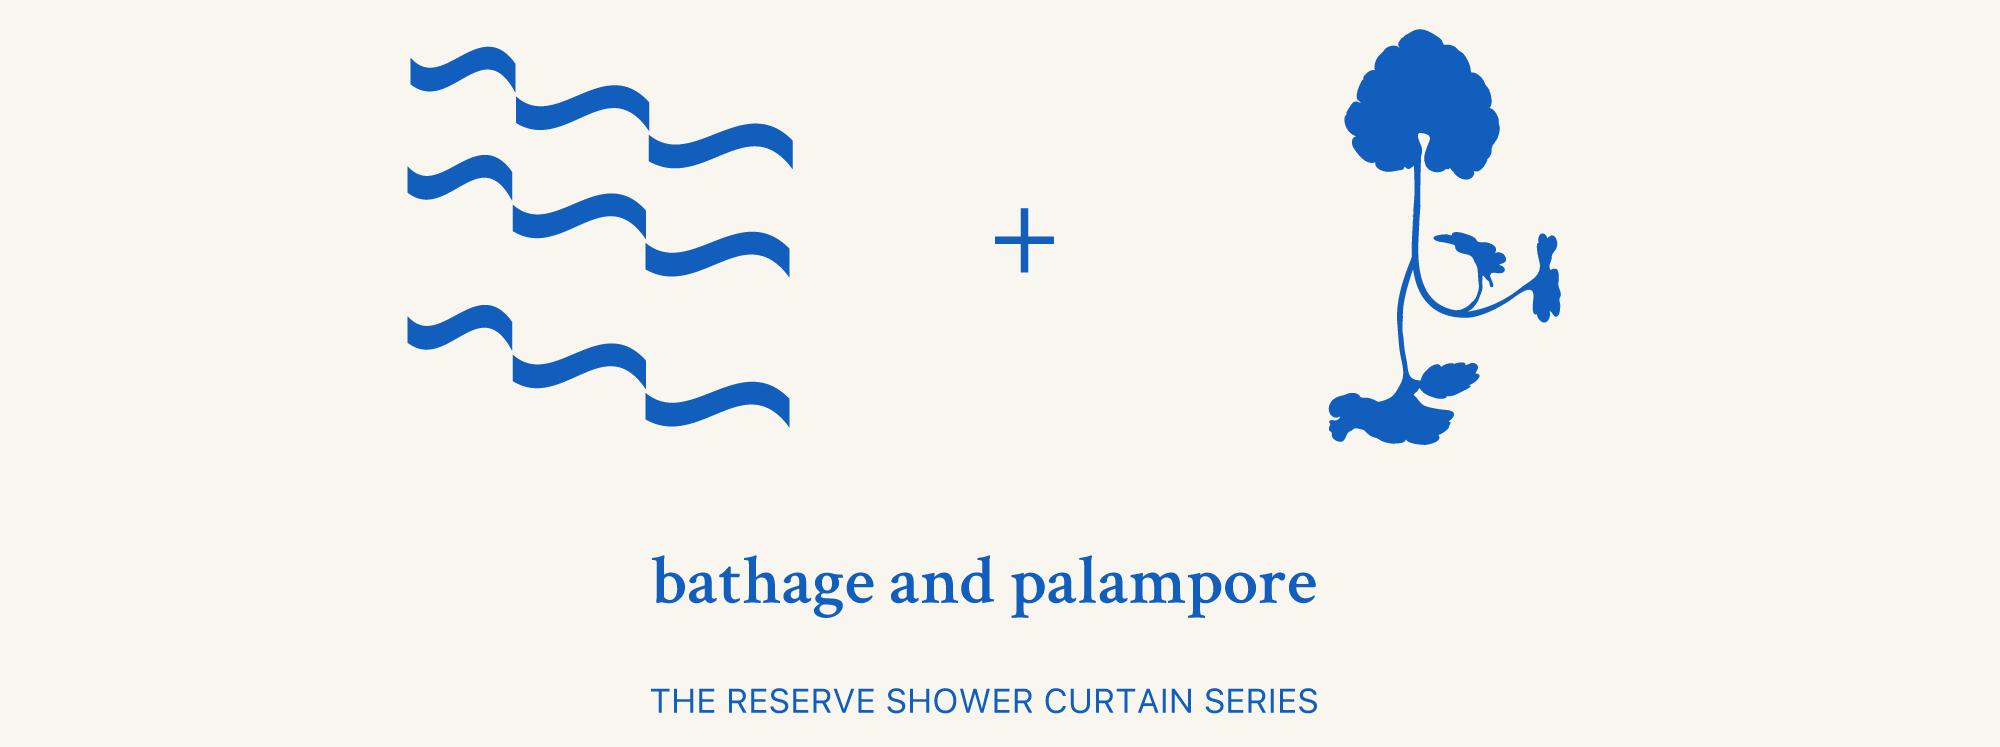 bathage-and-palampore.png